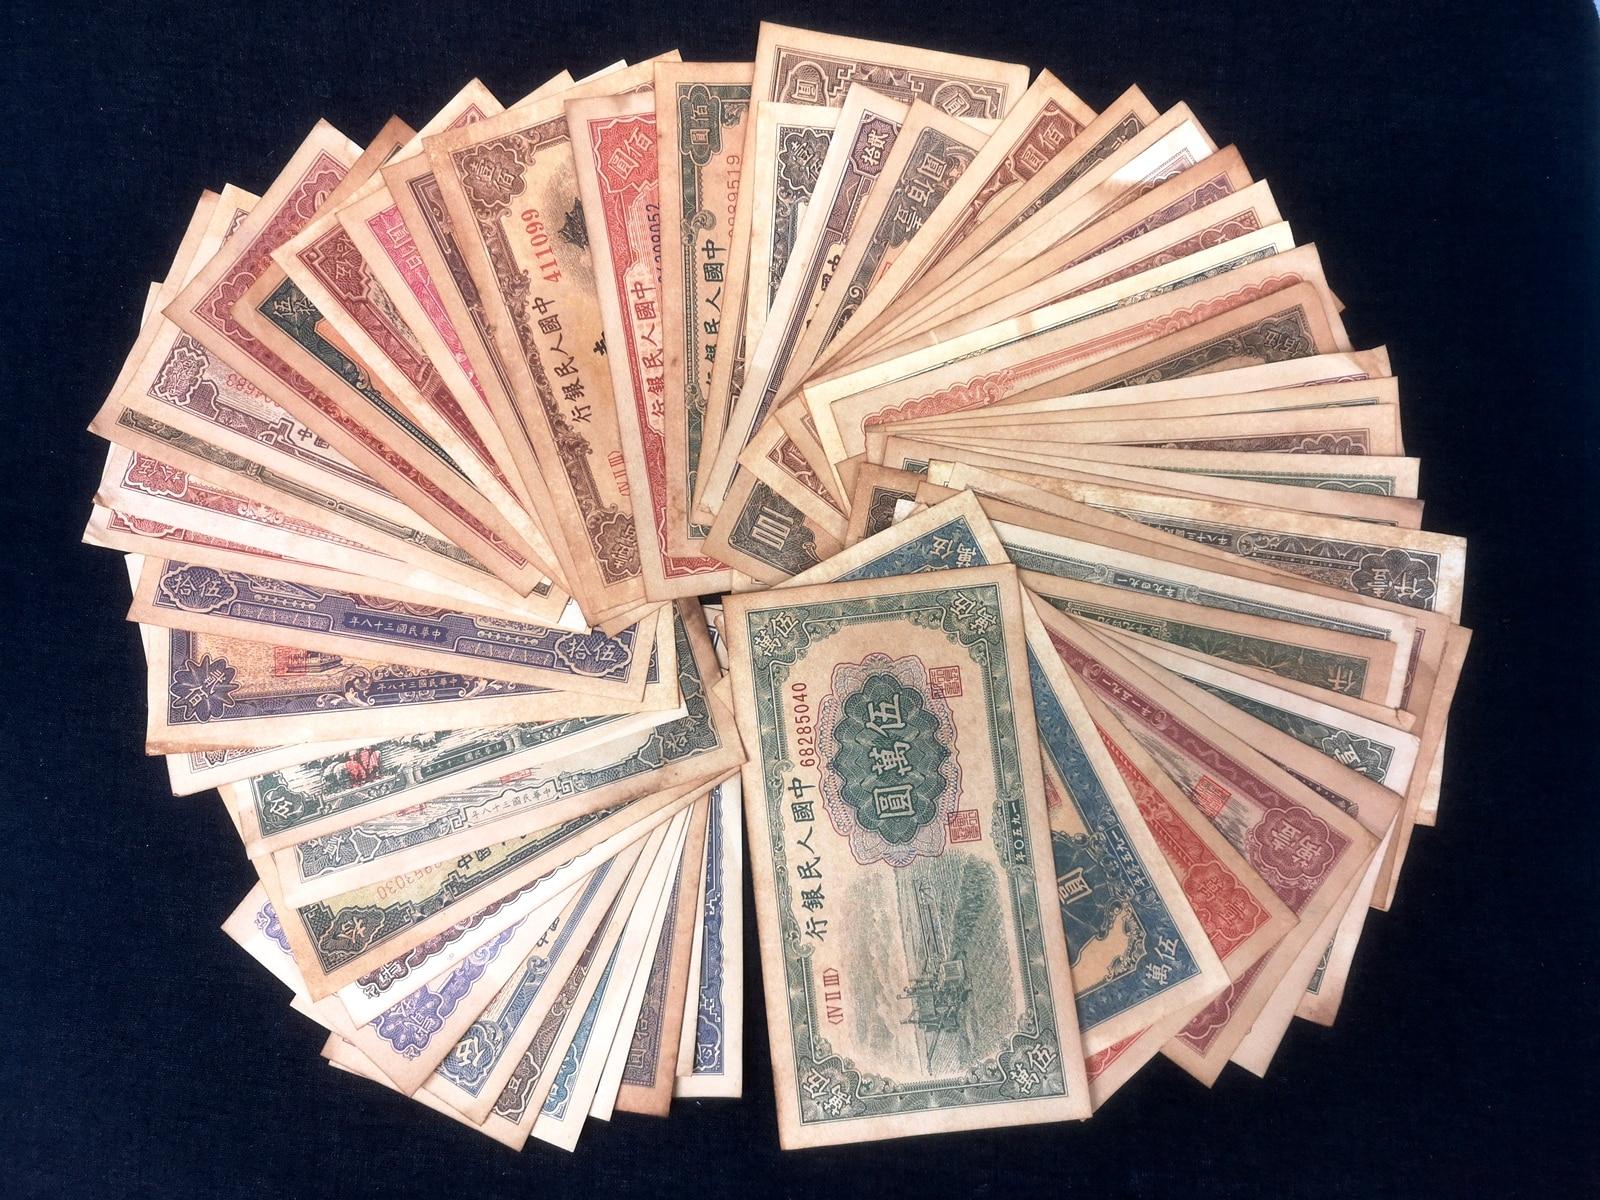 YIZHU CULTUER художественная коллекция Китайская древняя династия 60 старинных банкнот прекрасный подарок